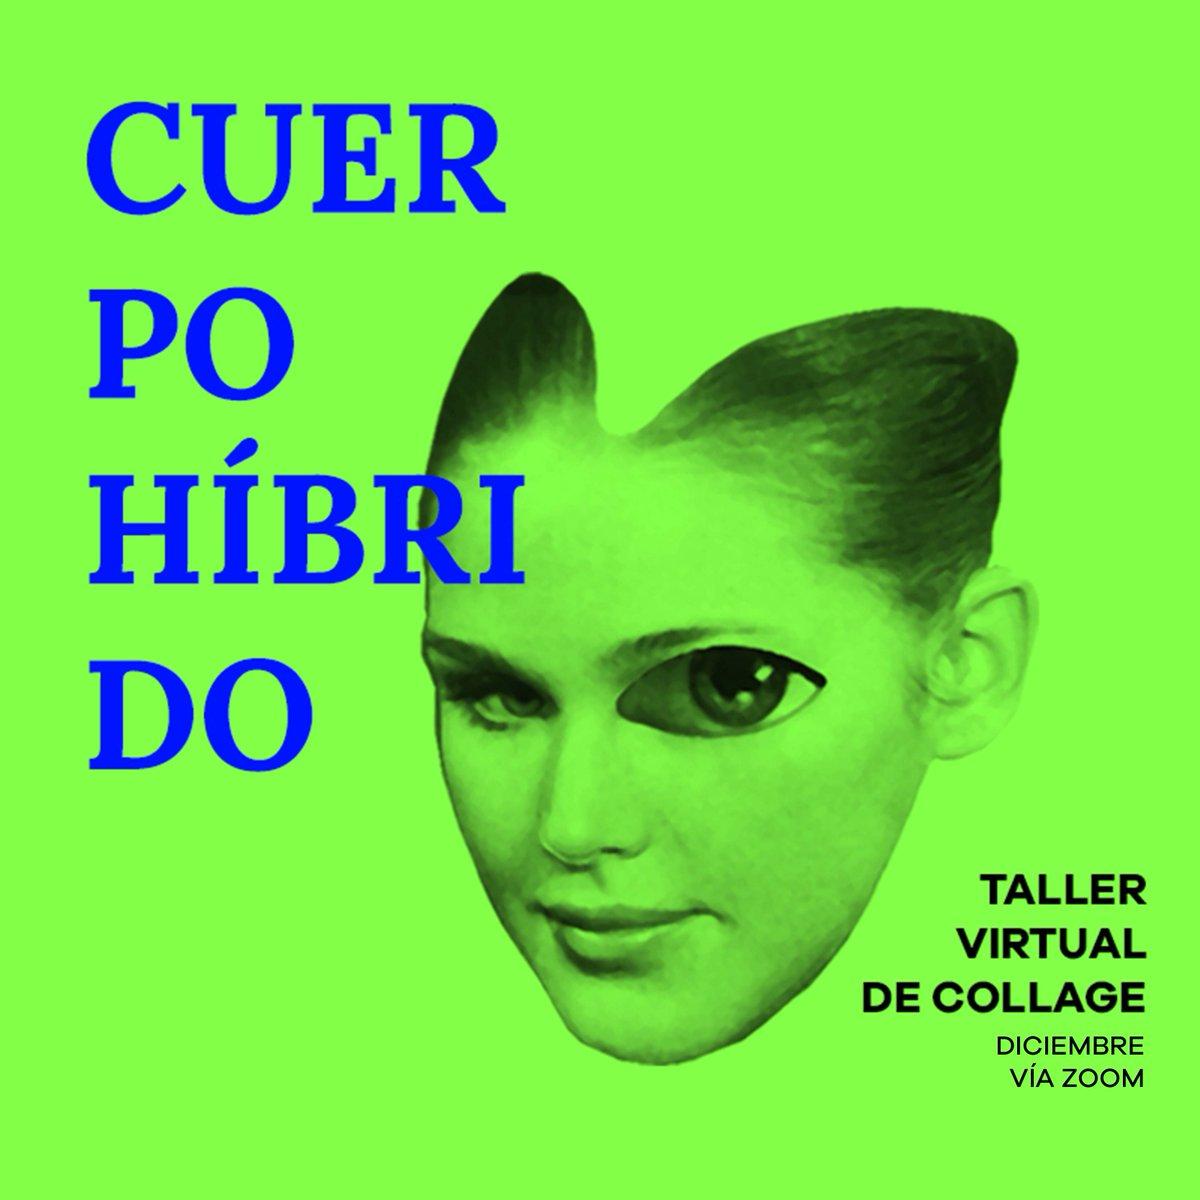 """Ya están abiertas las inscripciones para el Taller de Collage """"Cuerpo Híbrido""""   Déjanos tu mail📍Cupos limitados📍Inicio: Diciembre.  #collage #collageart #clasesonline #clasesvirtuales #talleres #arte #art #mujeresartistas #Perú"""